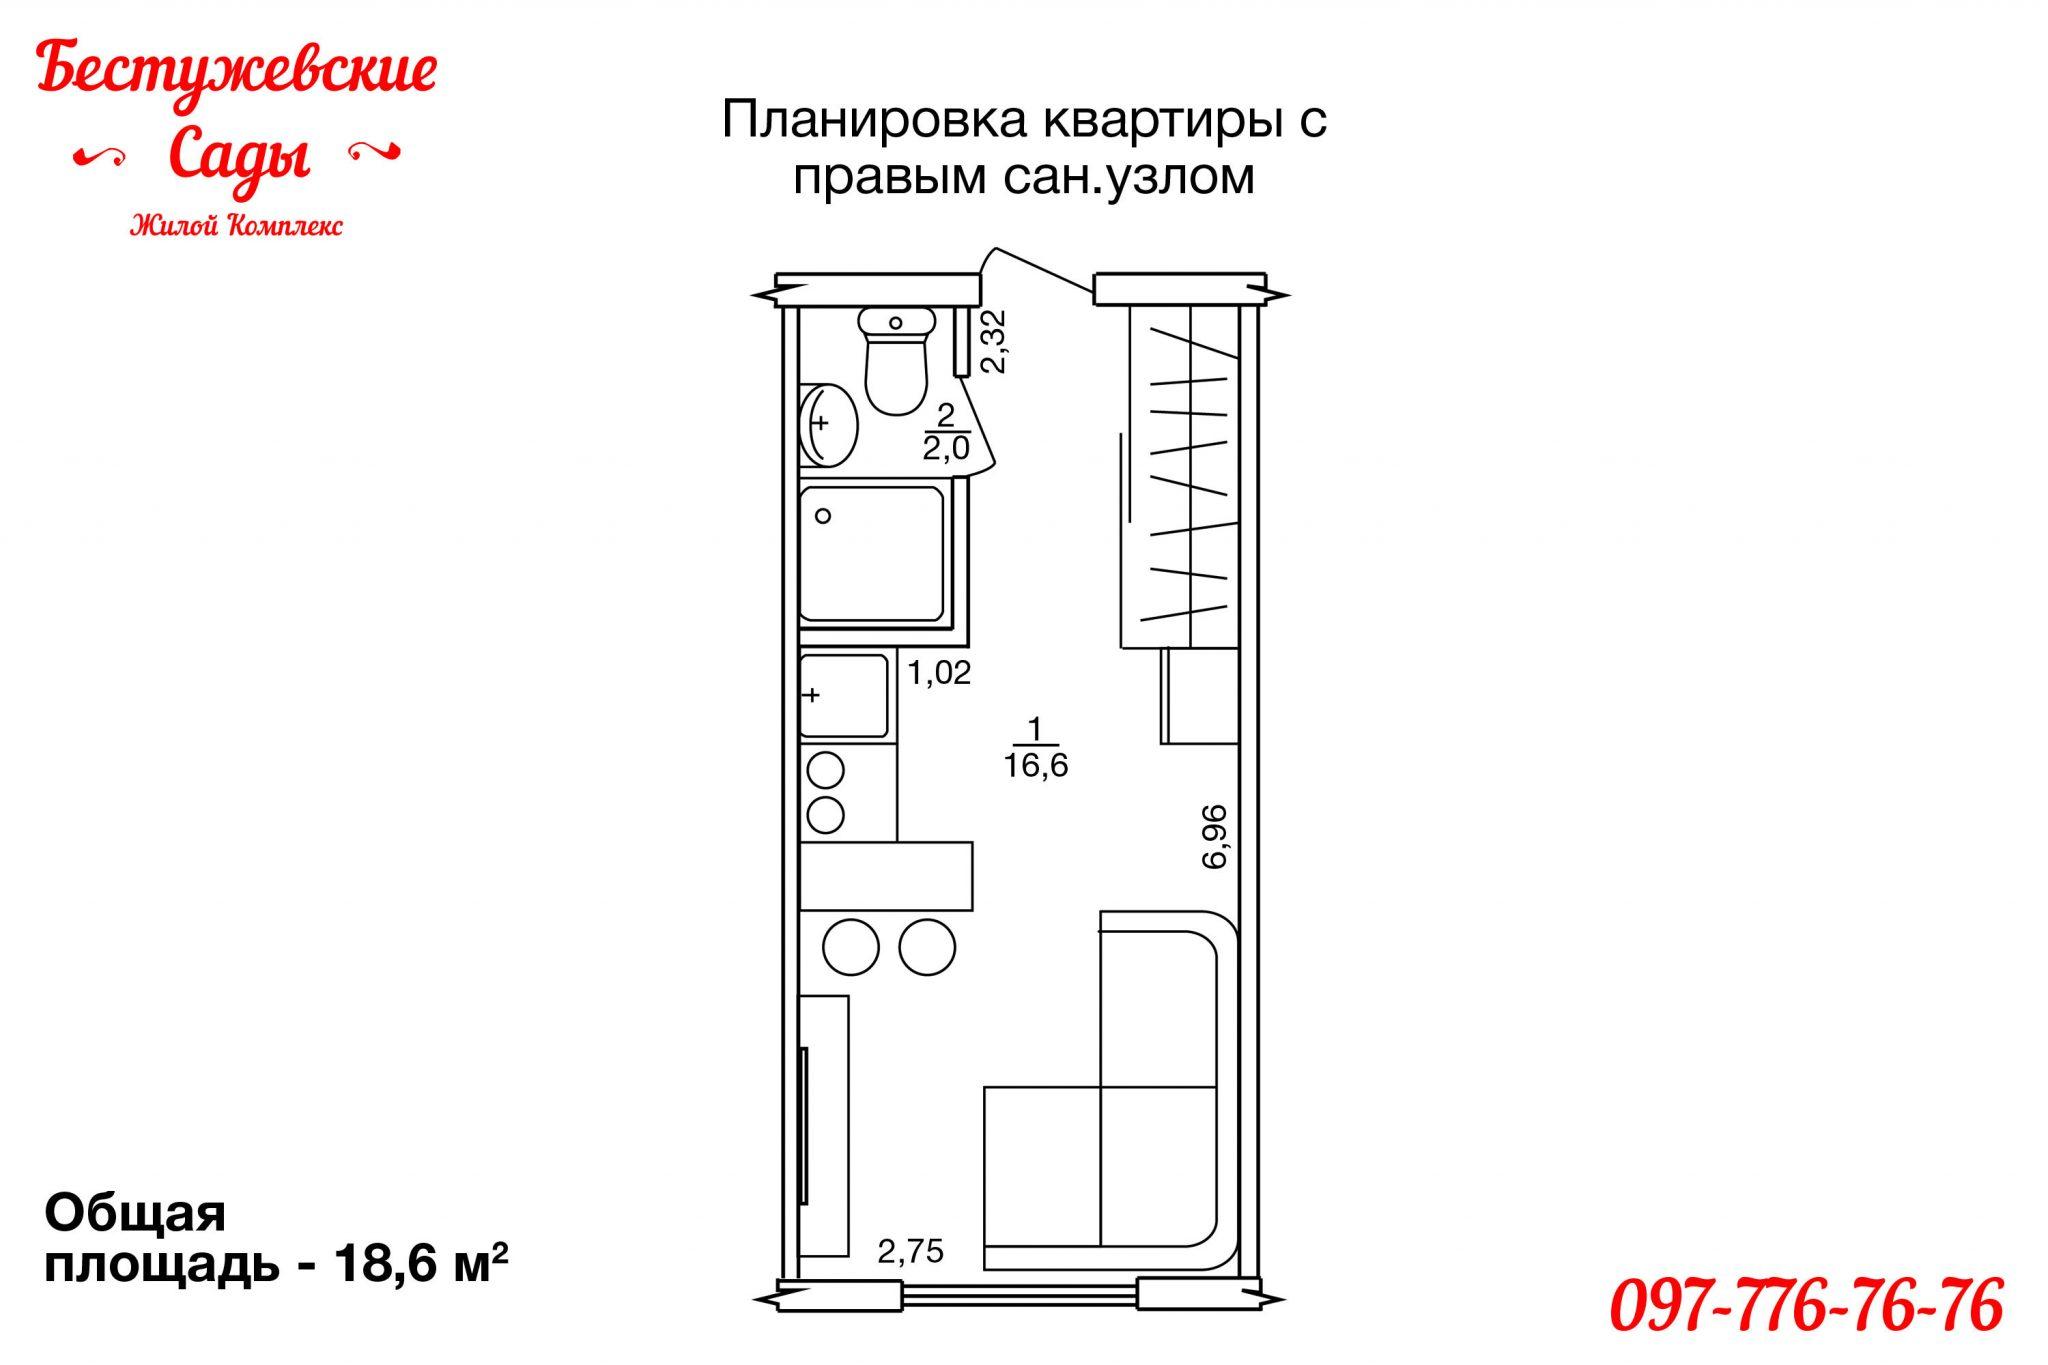 Гостинки в Харькове 18 кв м